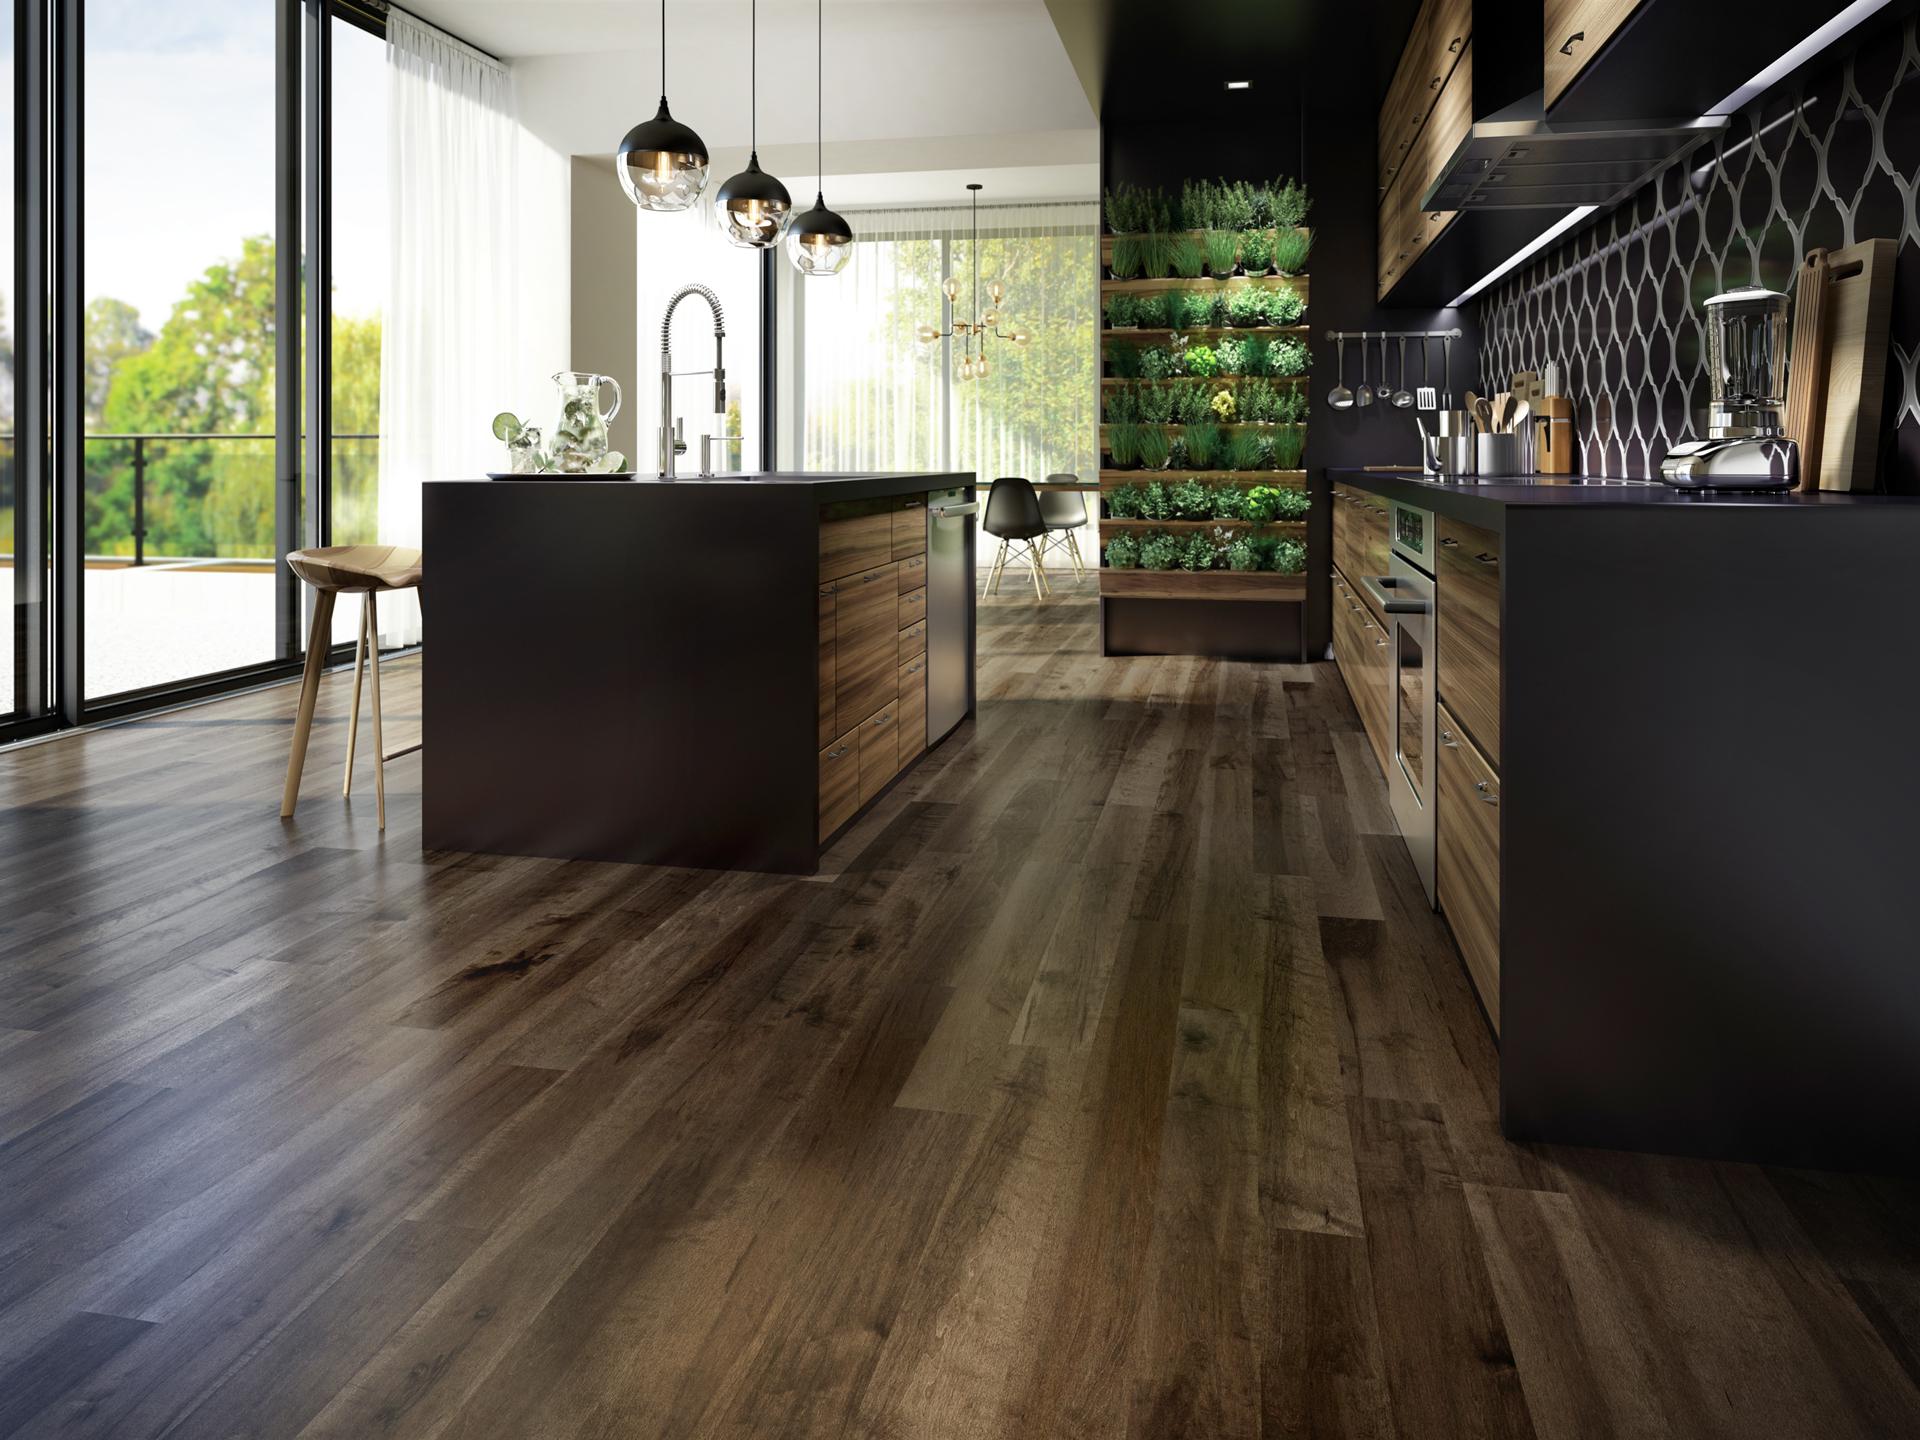 ambiance-plancher-de-bois-erable-brun-charme-organik-rustica-designer-lauzon.jpg